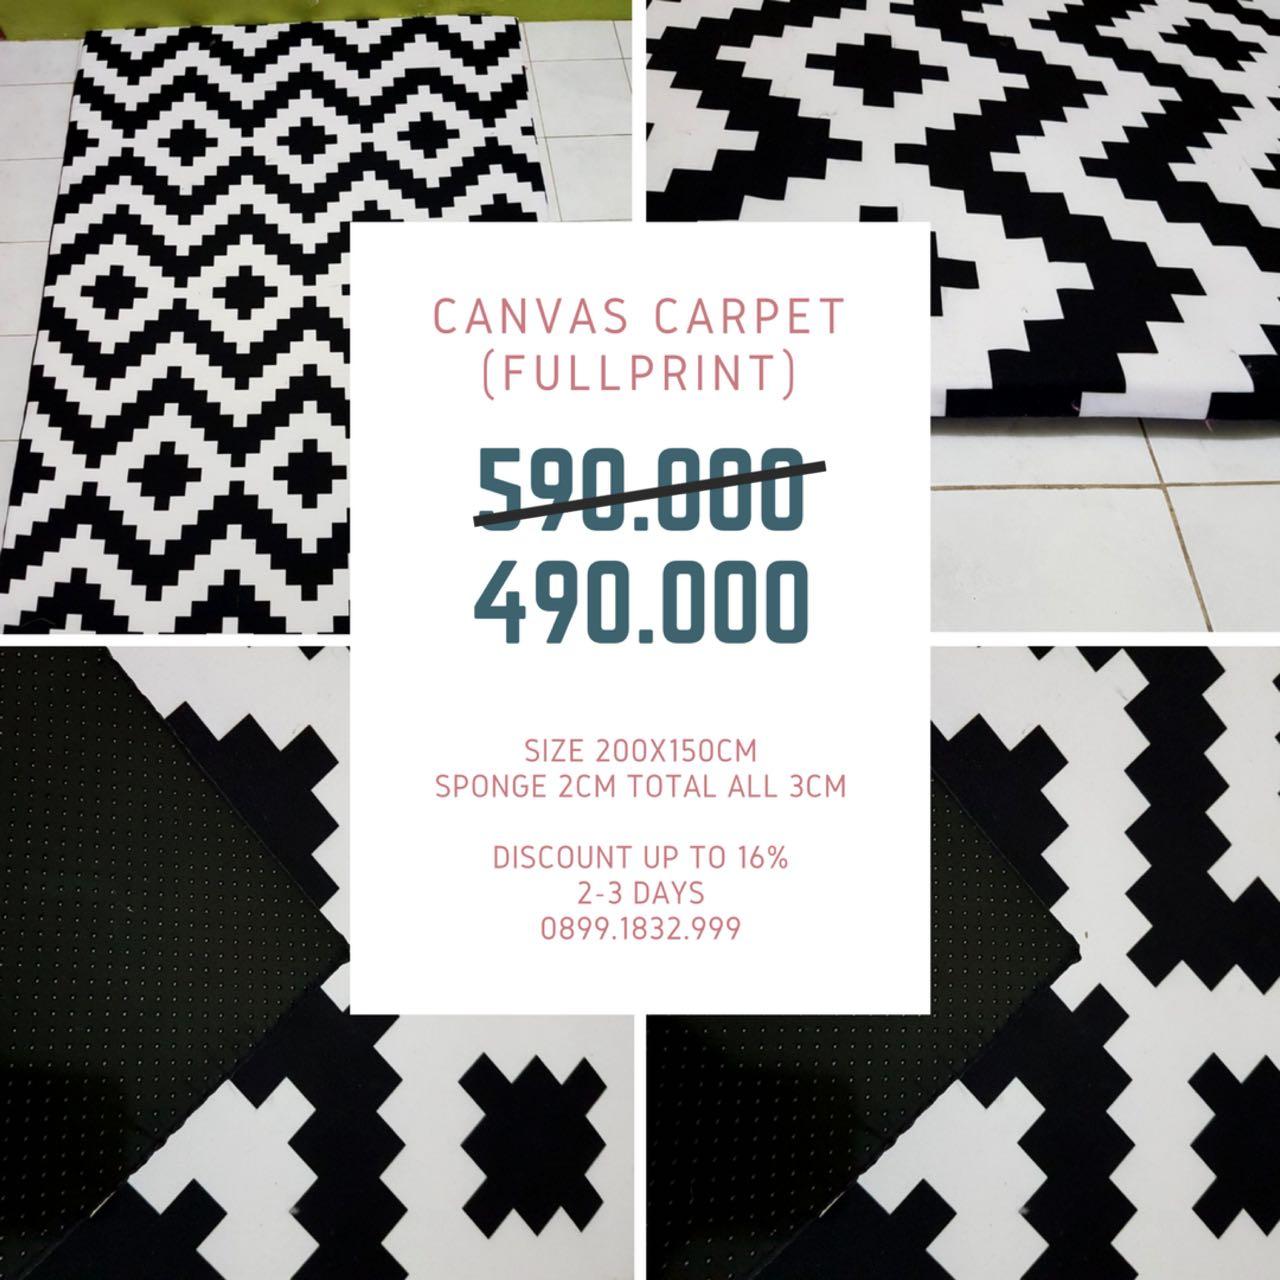 [NEW ARRIVAL] Karpet Canvas Waterproof